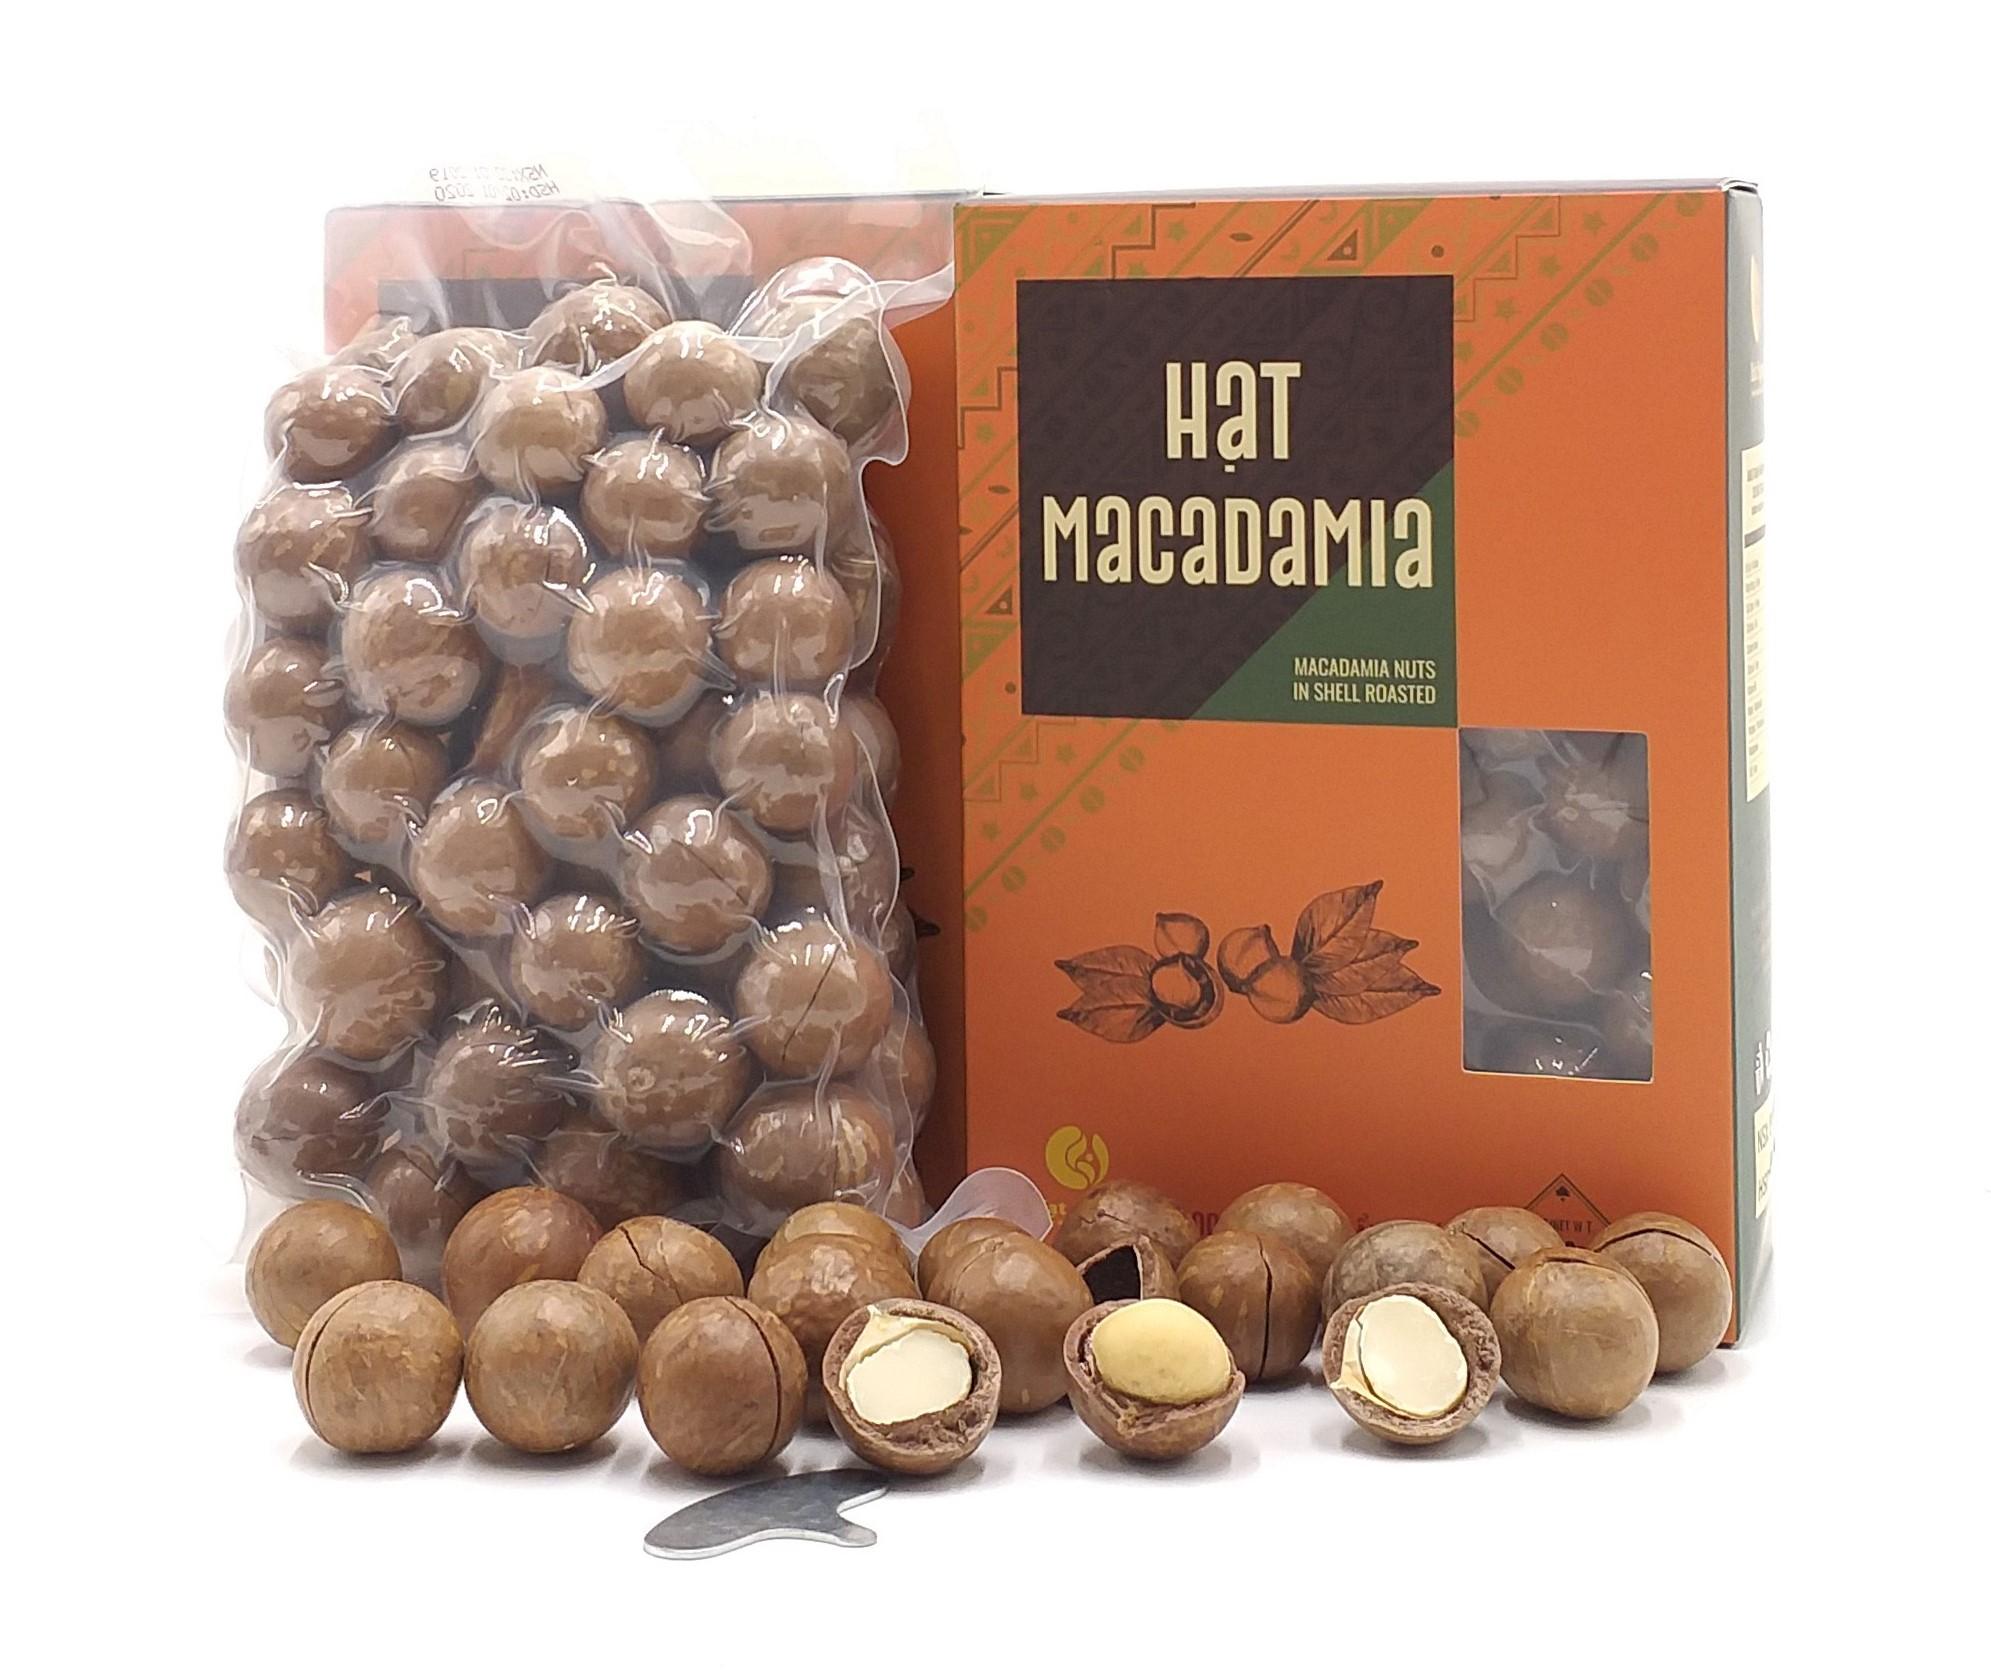 Mua hạt Macca ở đâu ngon? | Mua hạt macca ở TP.HCM